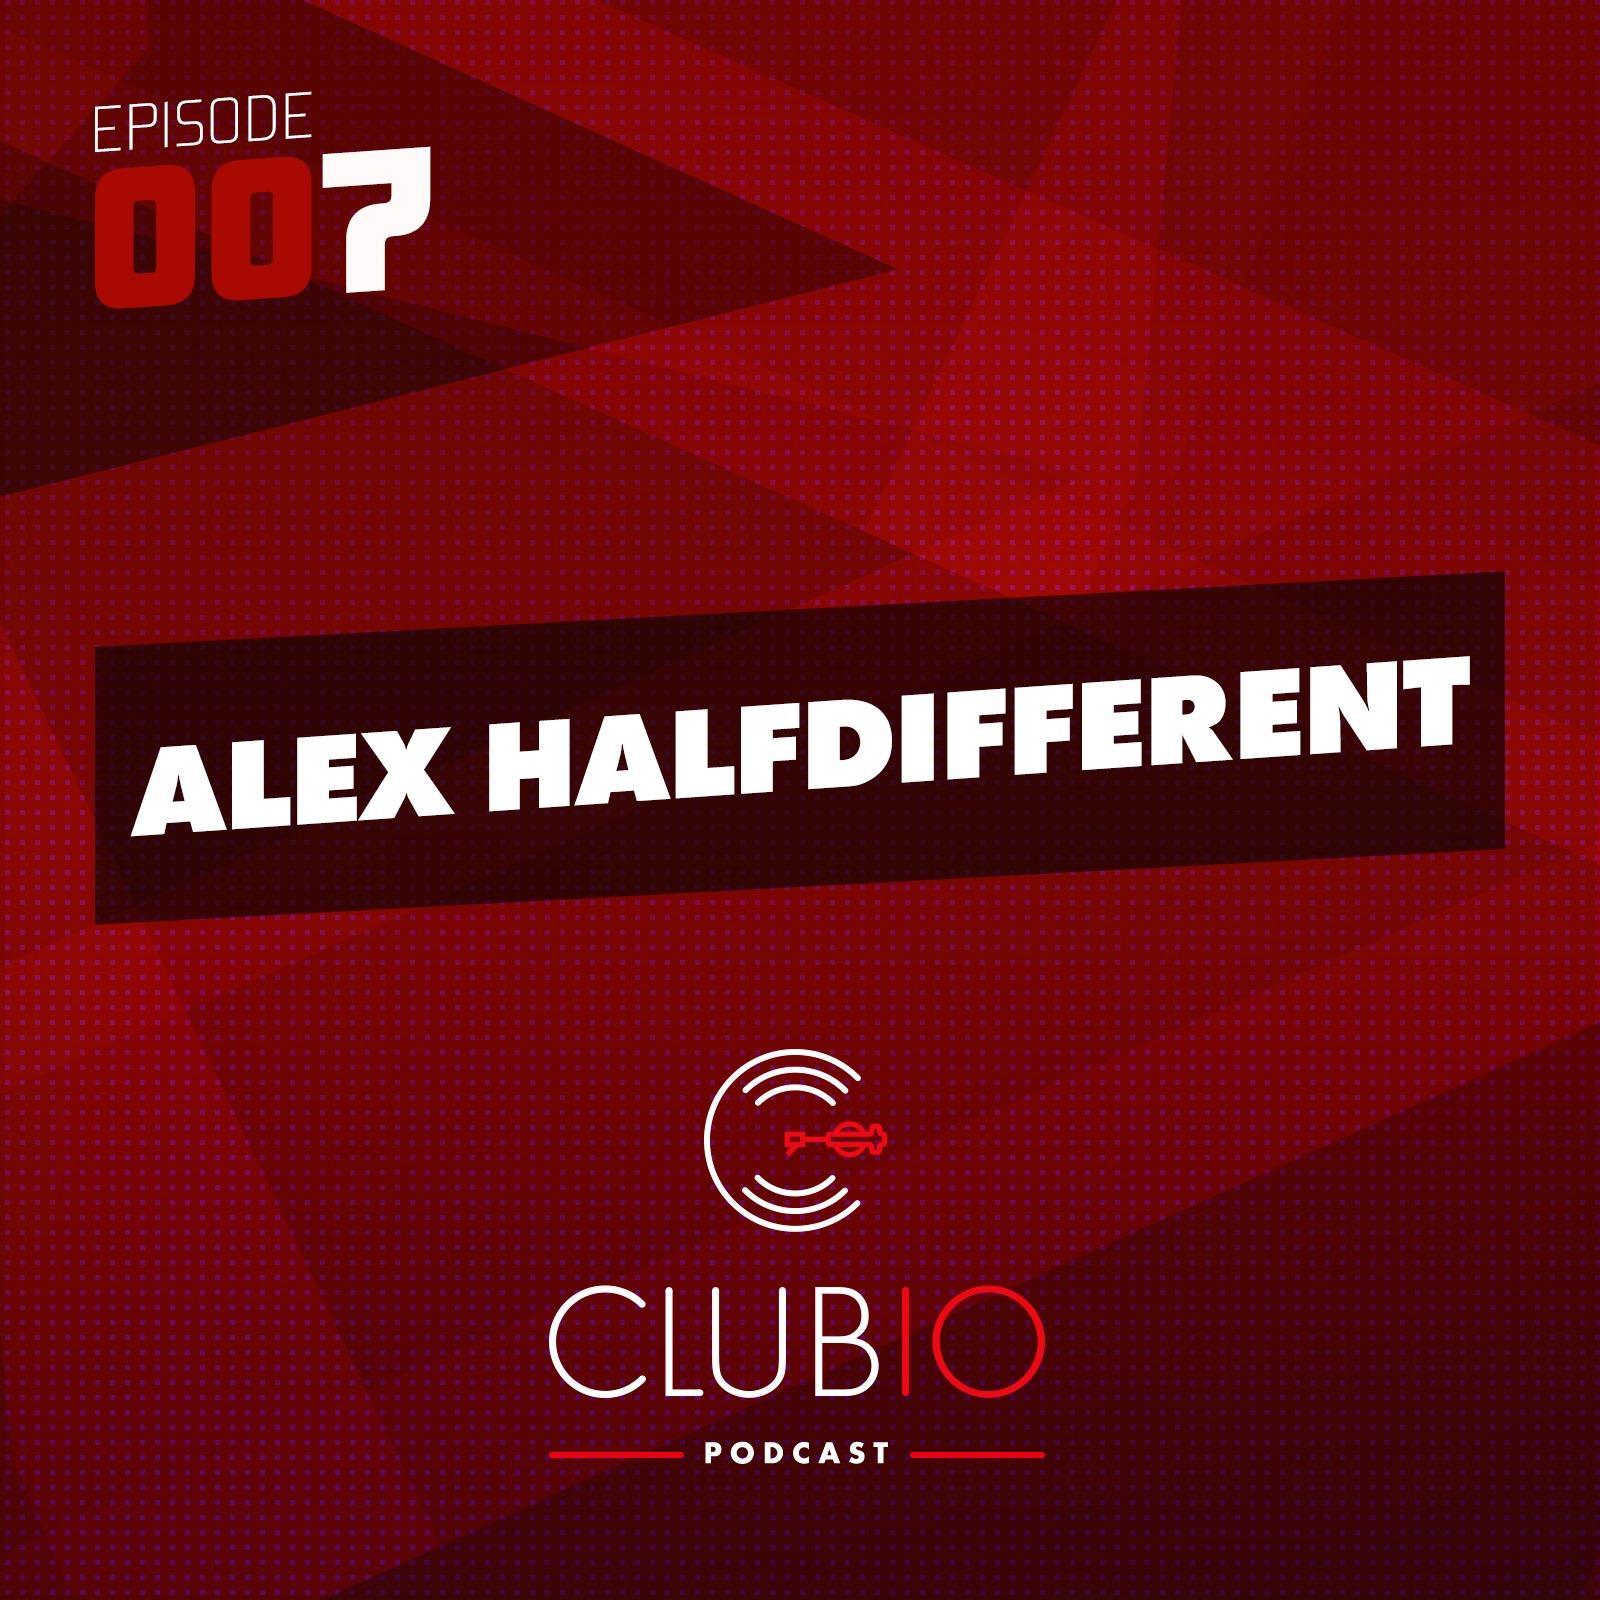 Clubio Podcast 007 - Alex Halfdifferent